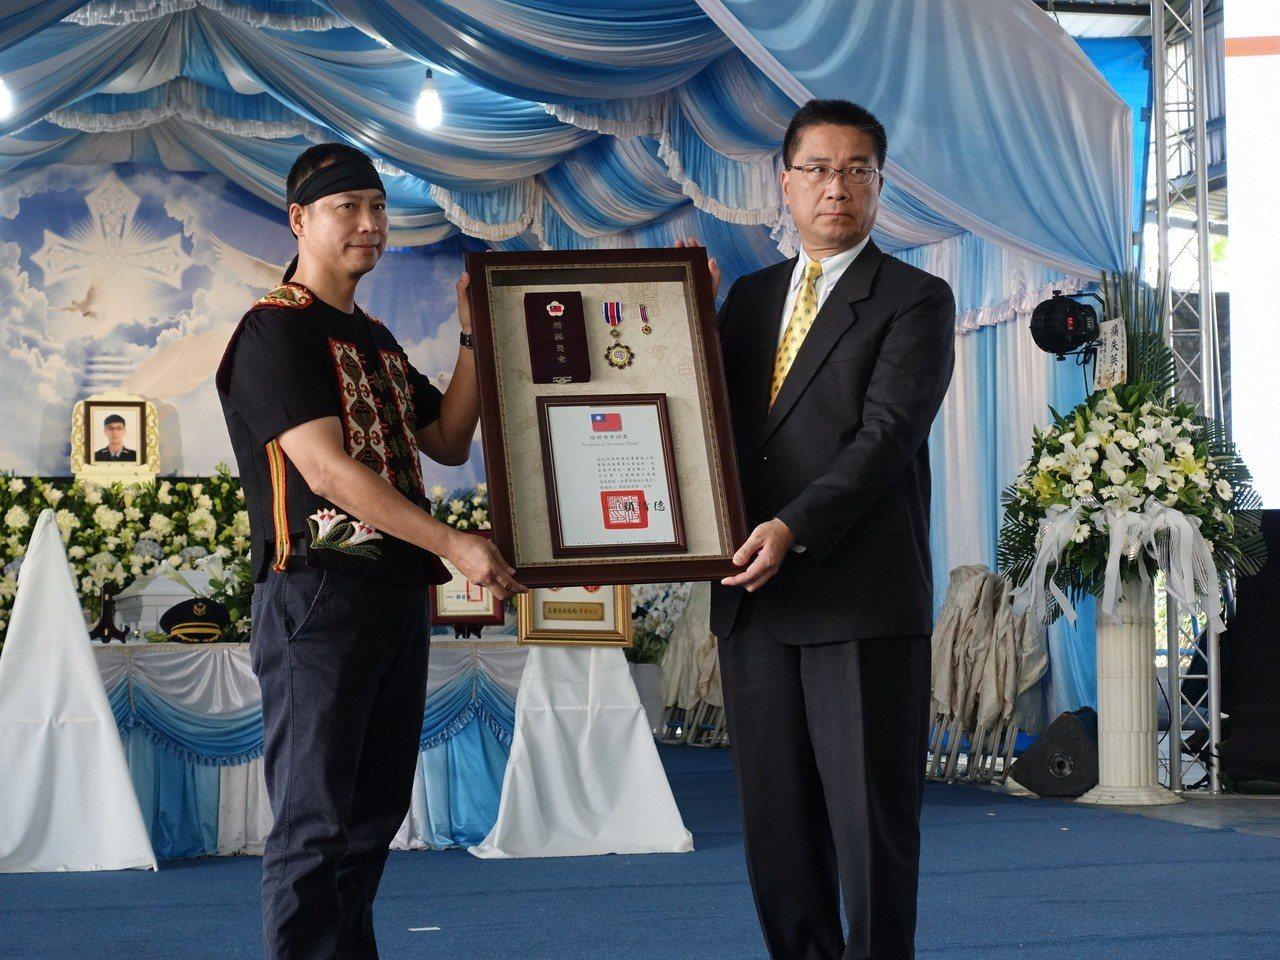 內政部長徐國勇代頒行政院追頒的三等楷模獎章。記者翁禎霞/攝影